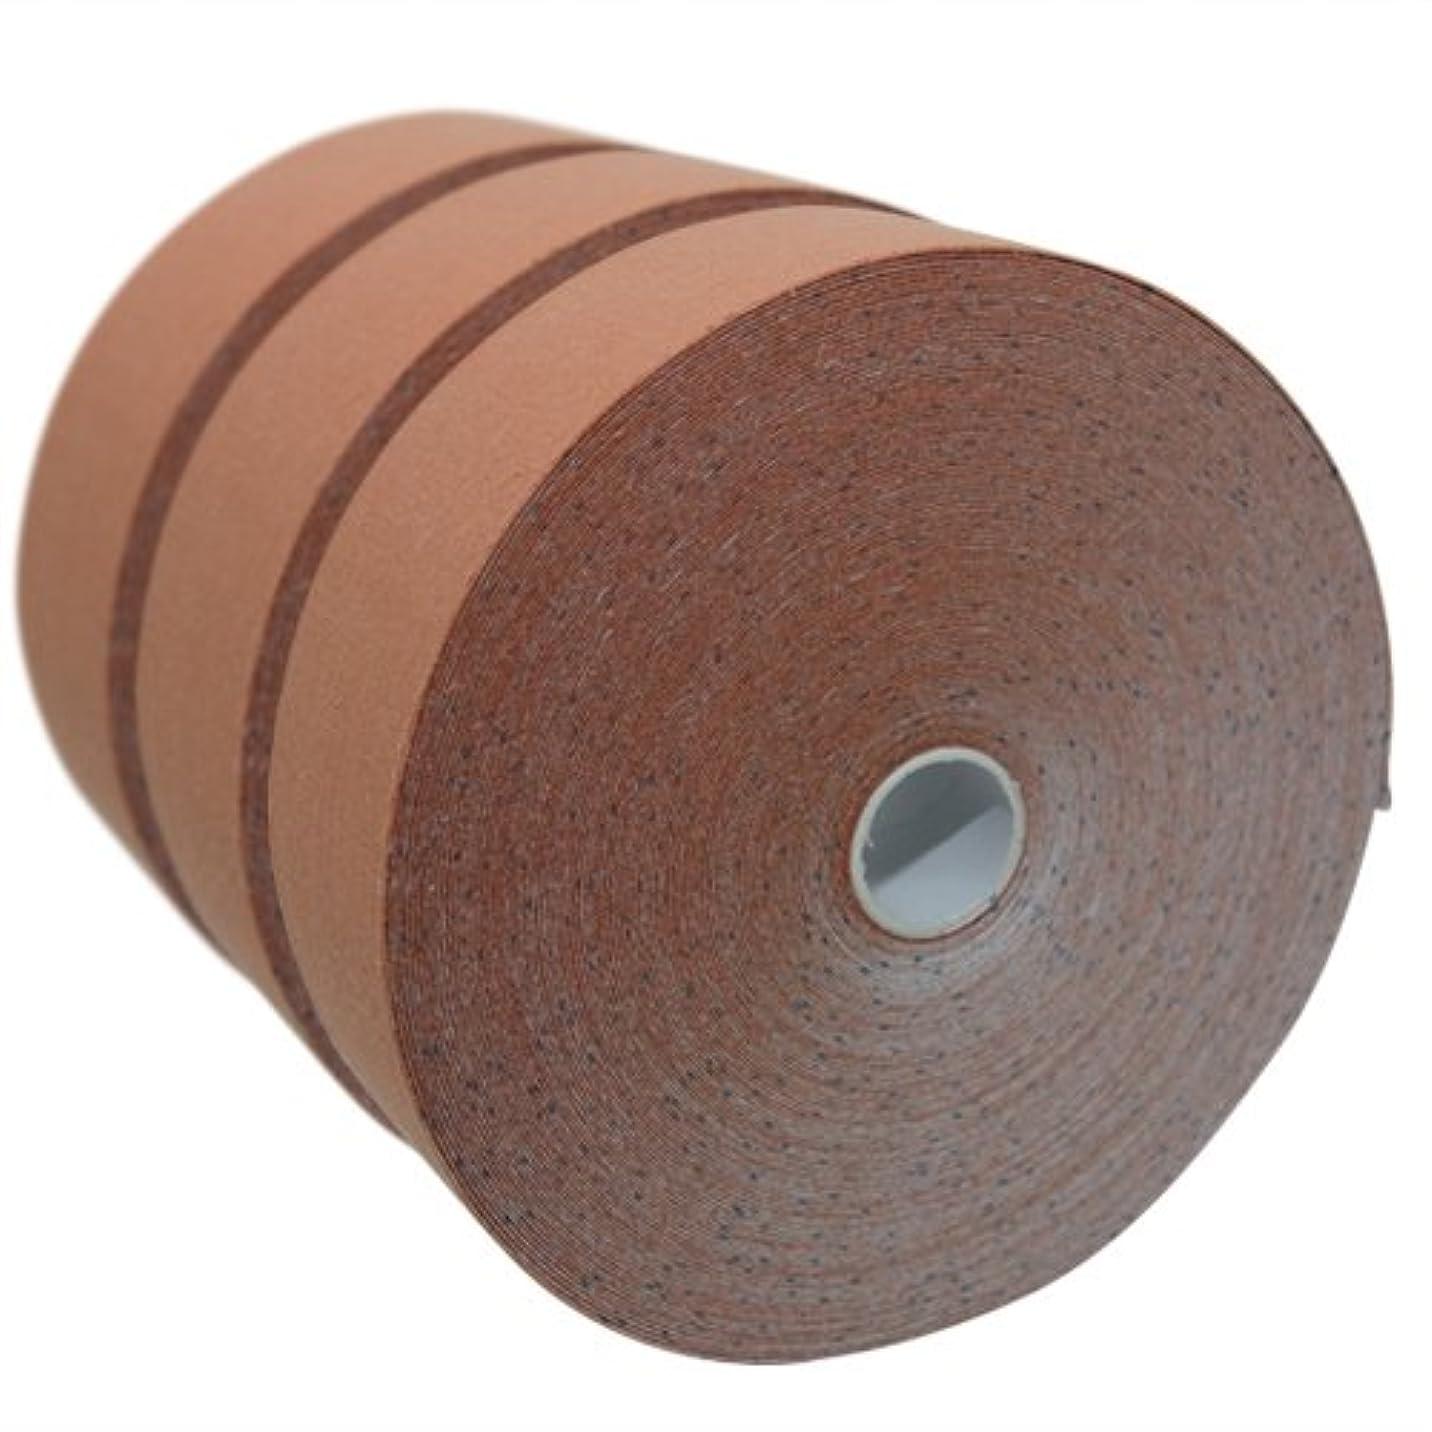 教育者ワットインディカキネフィット キネシオロジーテープ 撥水スポーツタイプ業務用 5.0cmx33mx1巻入り x3個セット